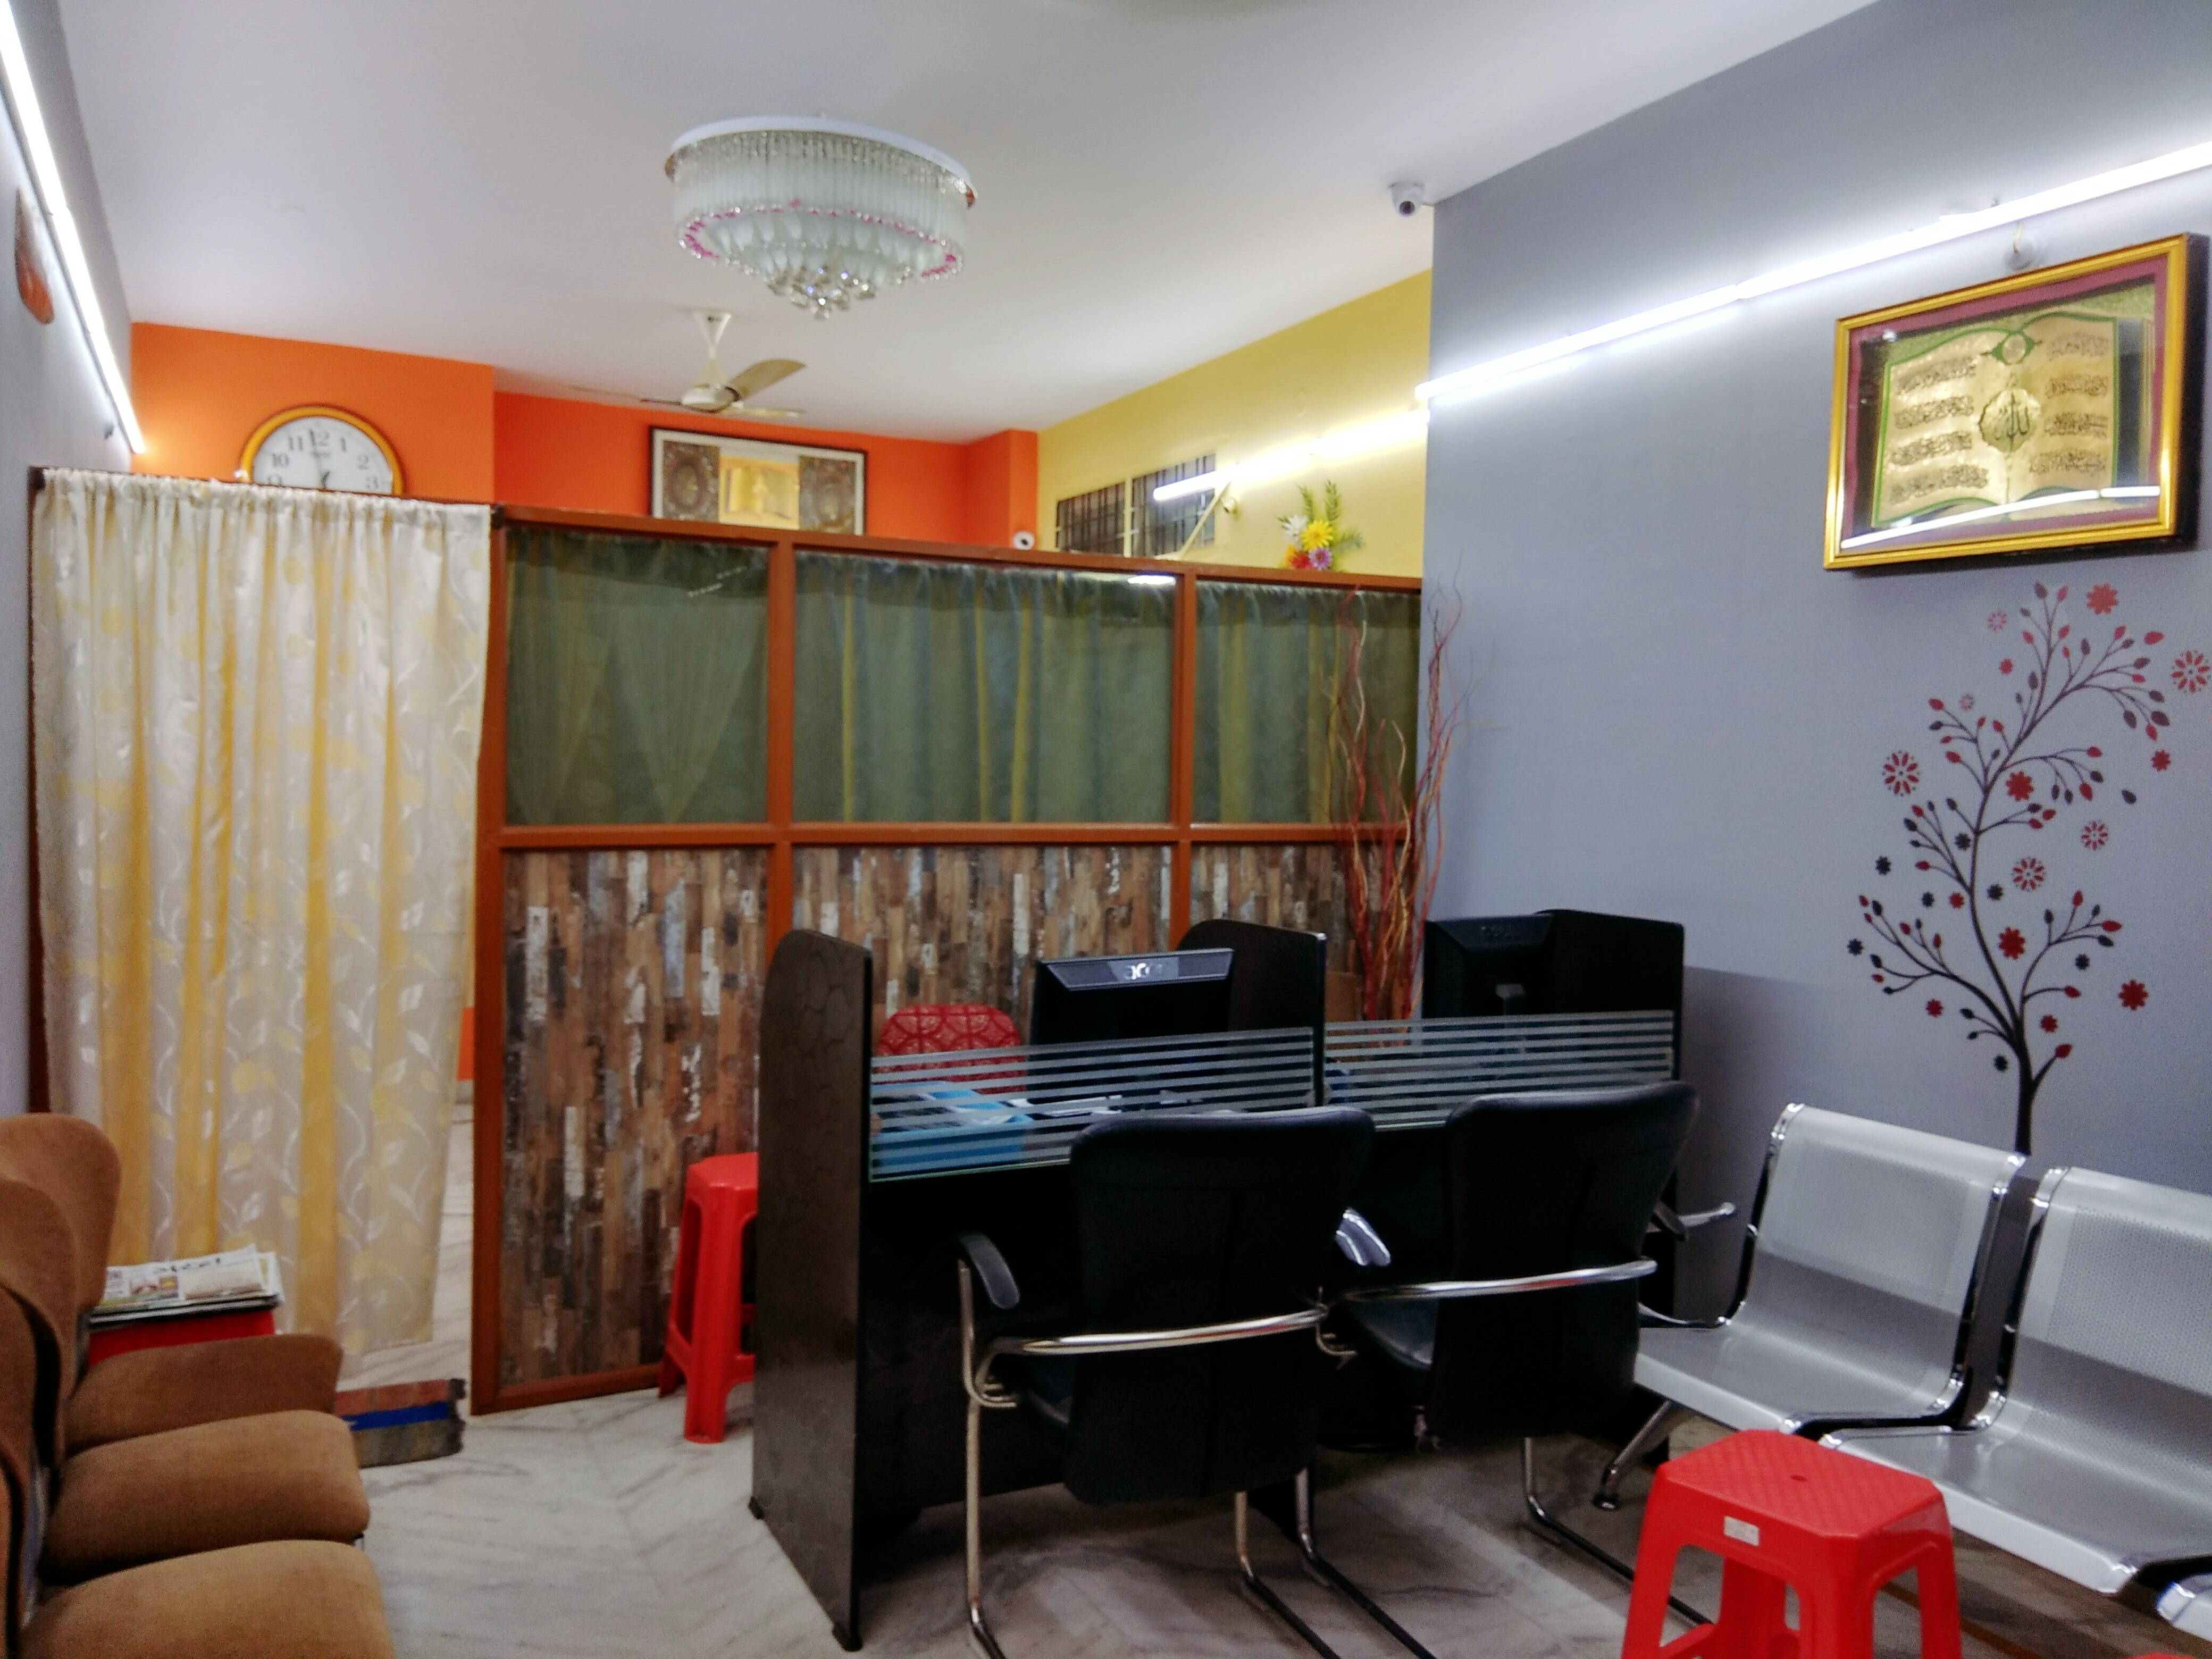 Ghar Sansar Marriage Bureau in Malakpet, hyderabad-500036